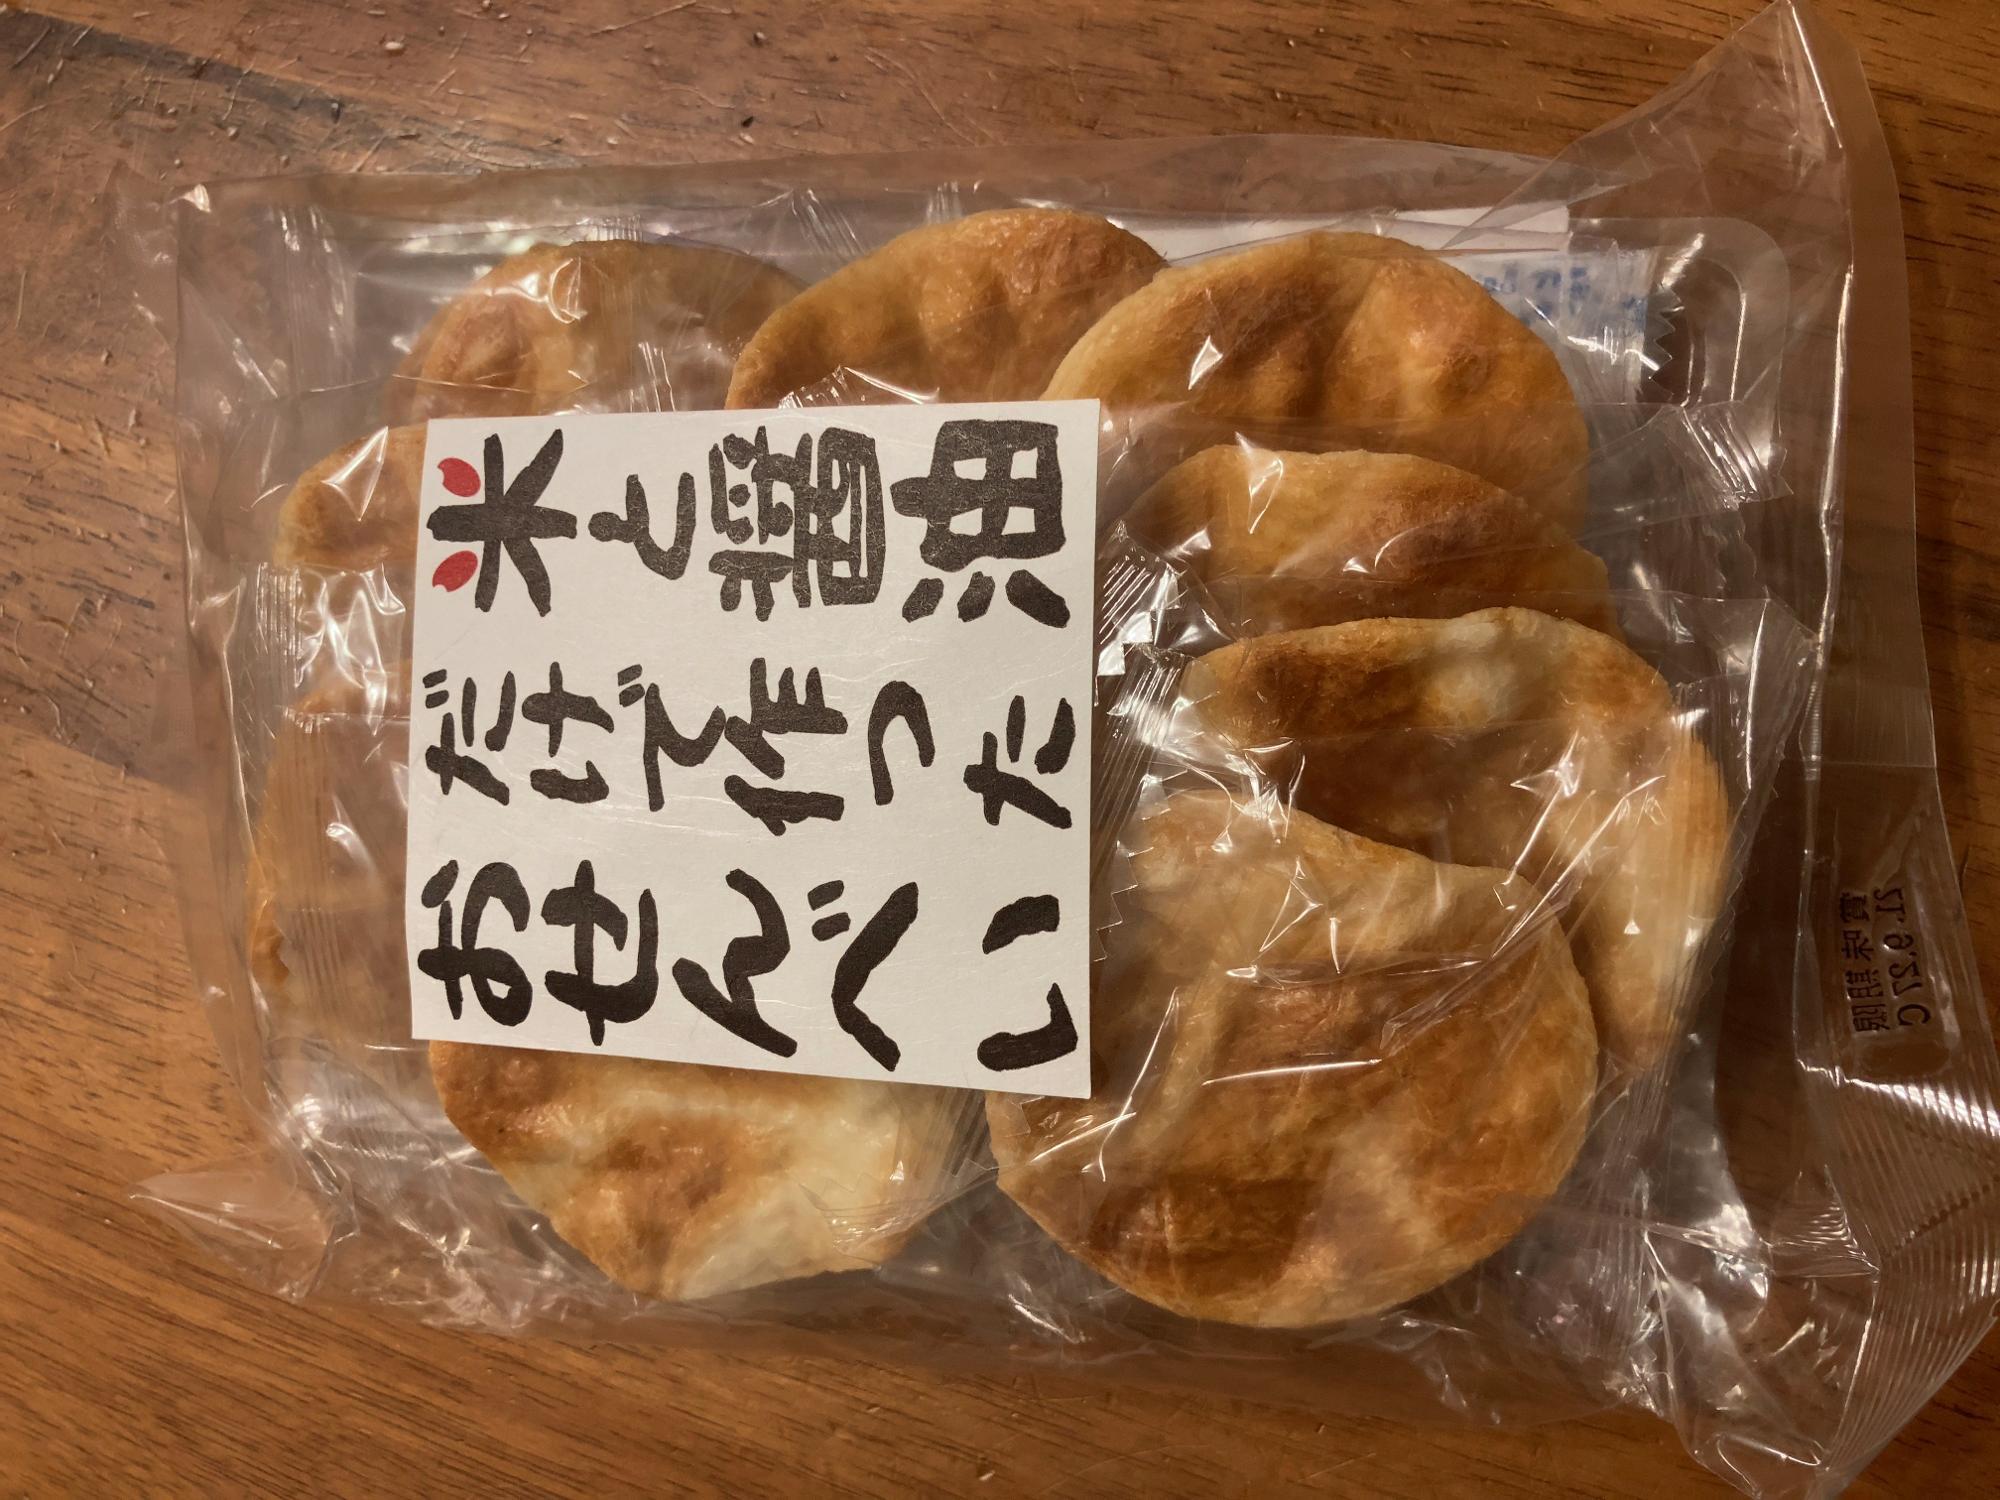 オリジナルのお菓子です。「米と醤油(しょうゆ)だけで作ったおせんべいせんべい」